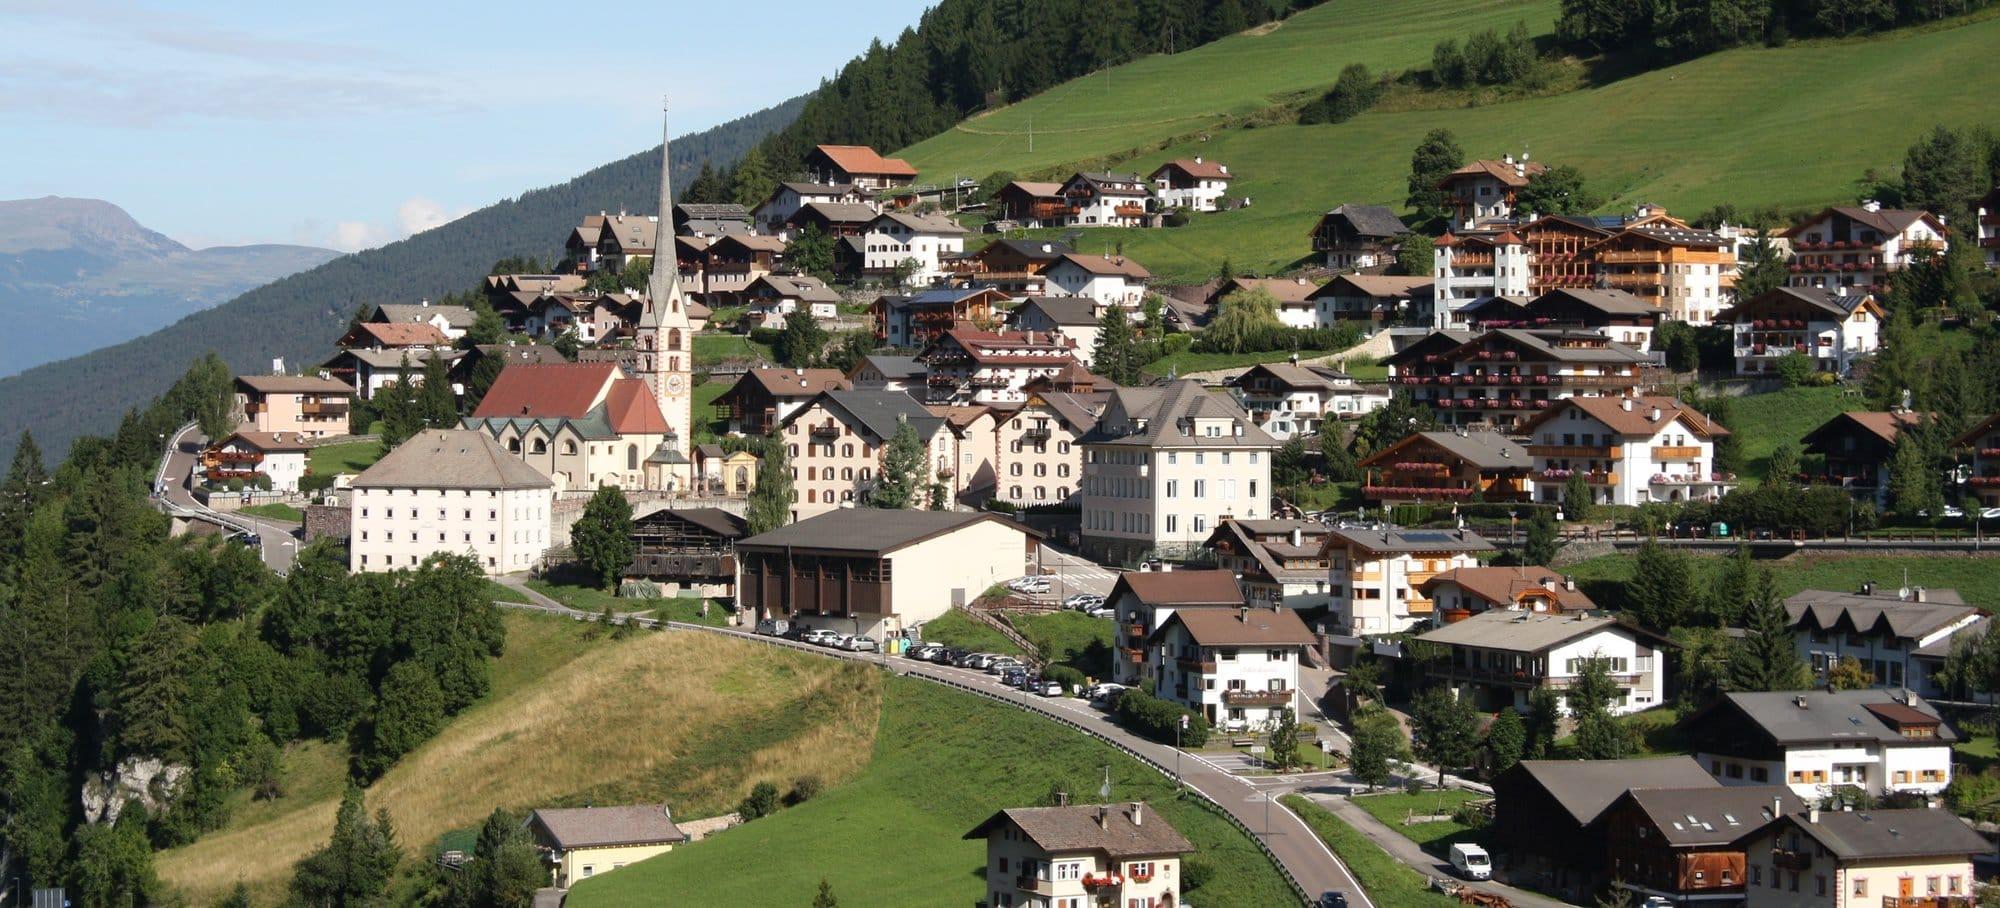 Familienhotels in St. Christina in Gröden